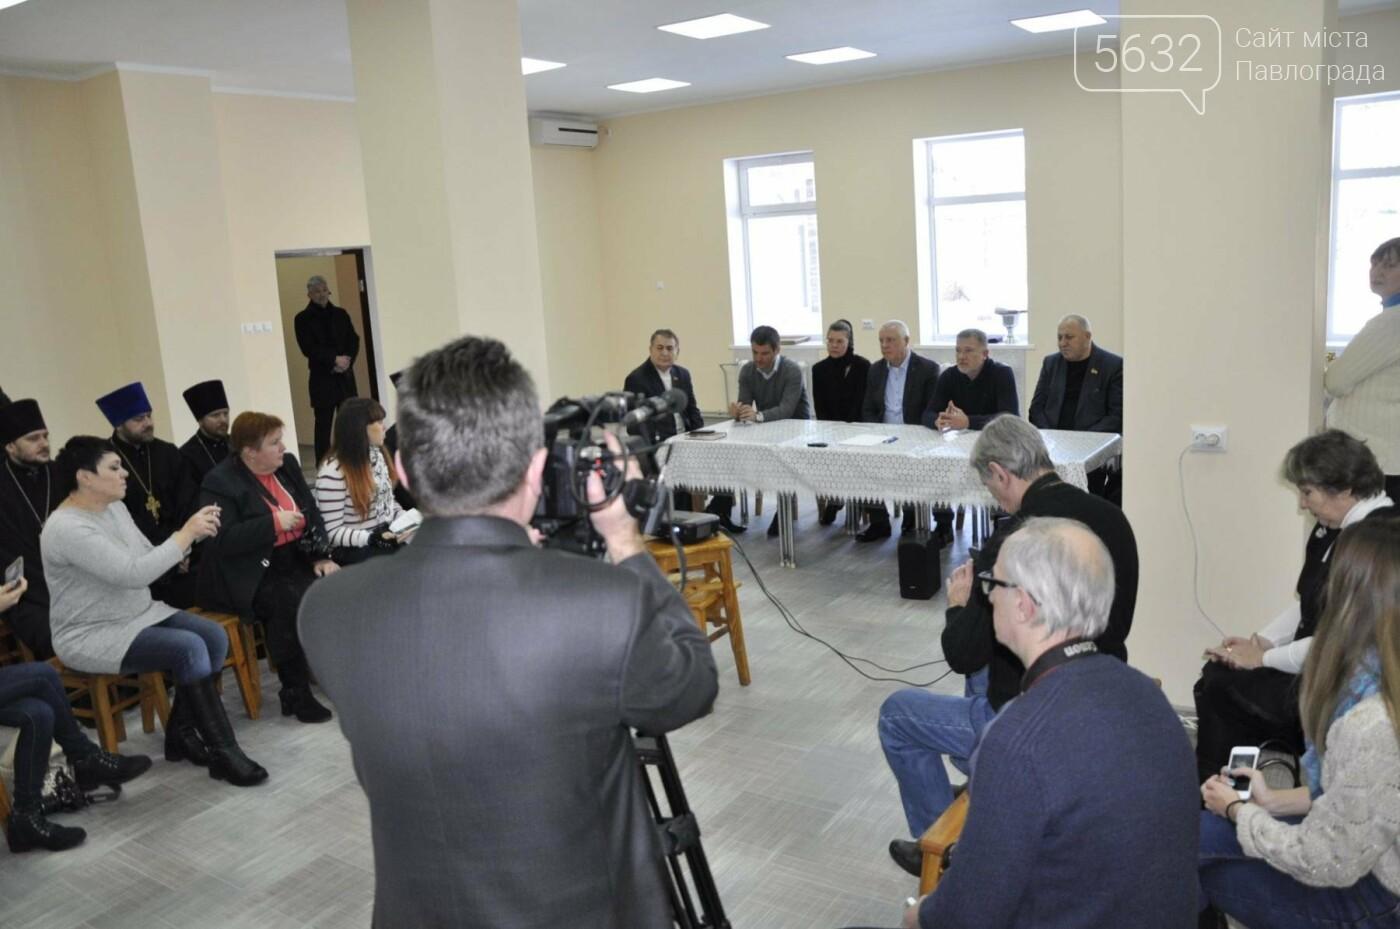 В Павлограде завершился первый этап реконструкции здания Духовно-исторического центра, фото-6